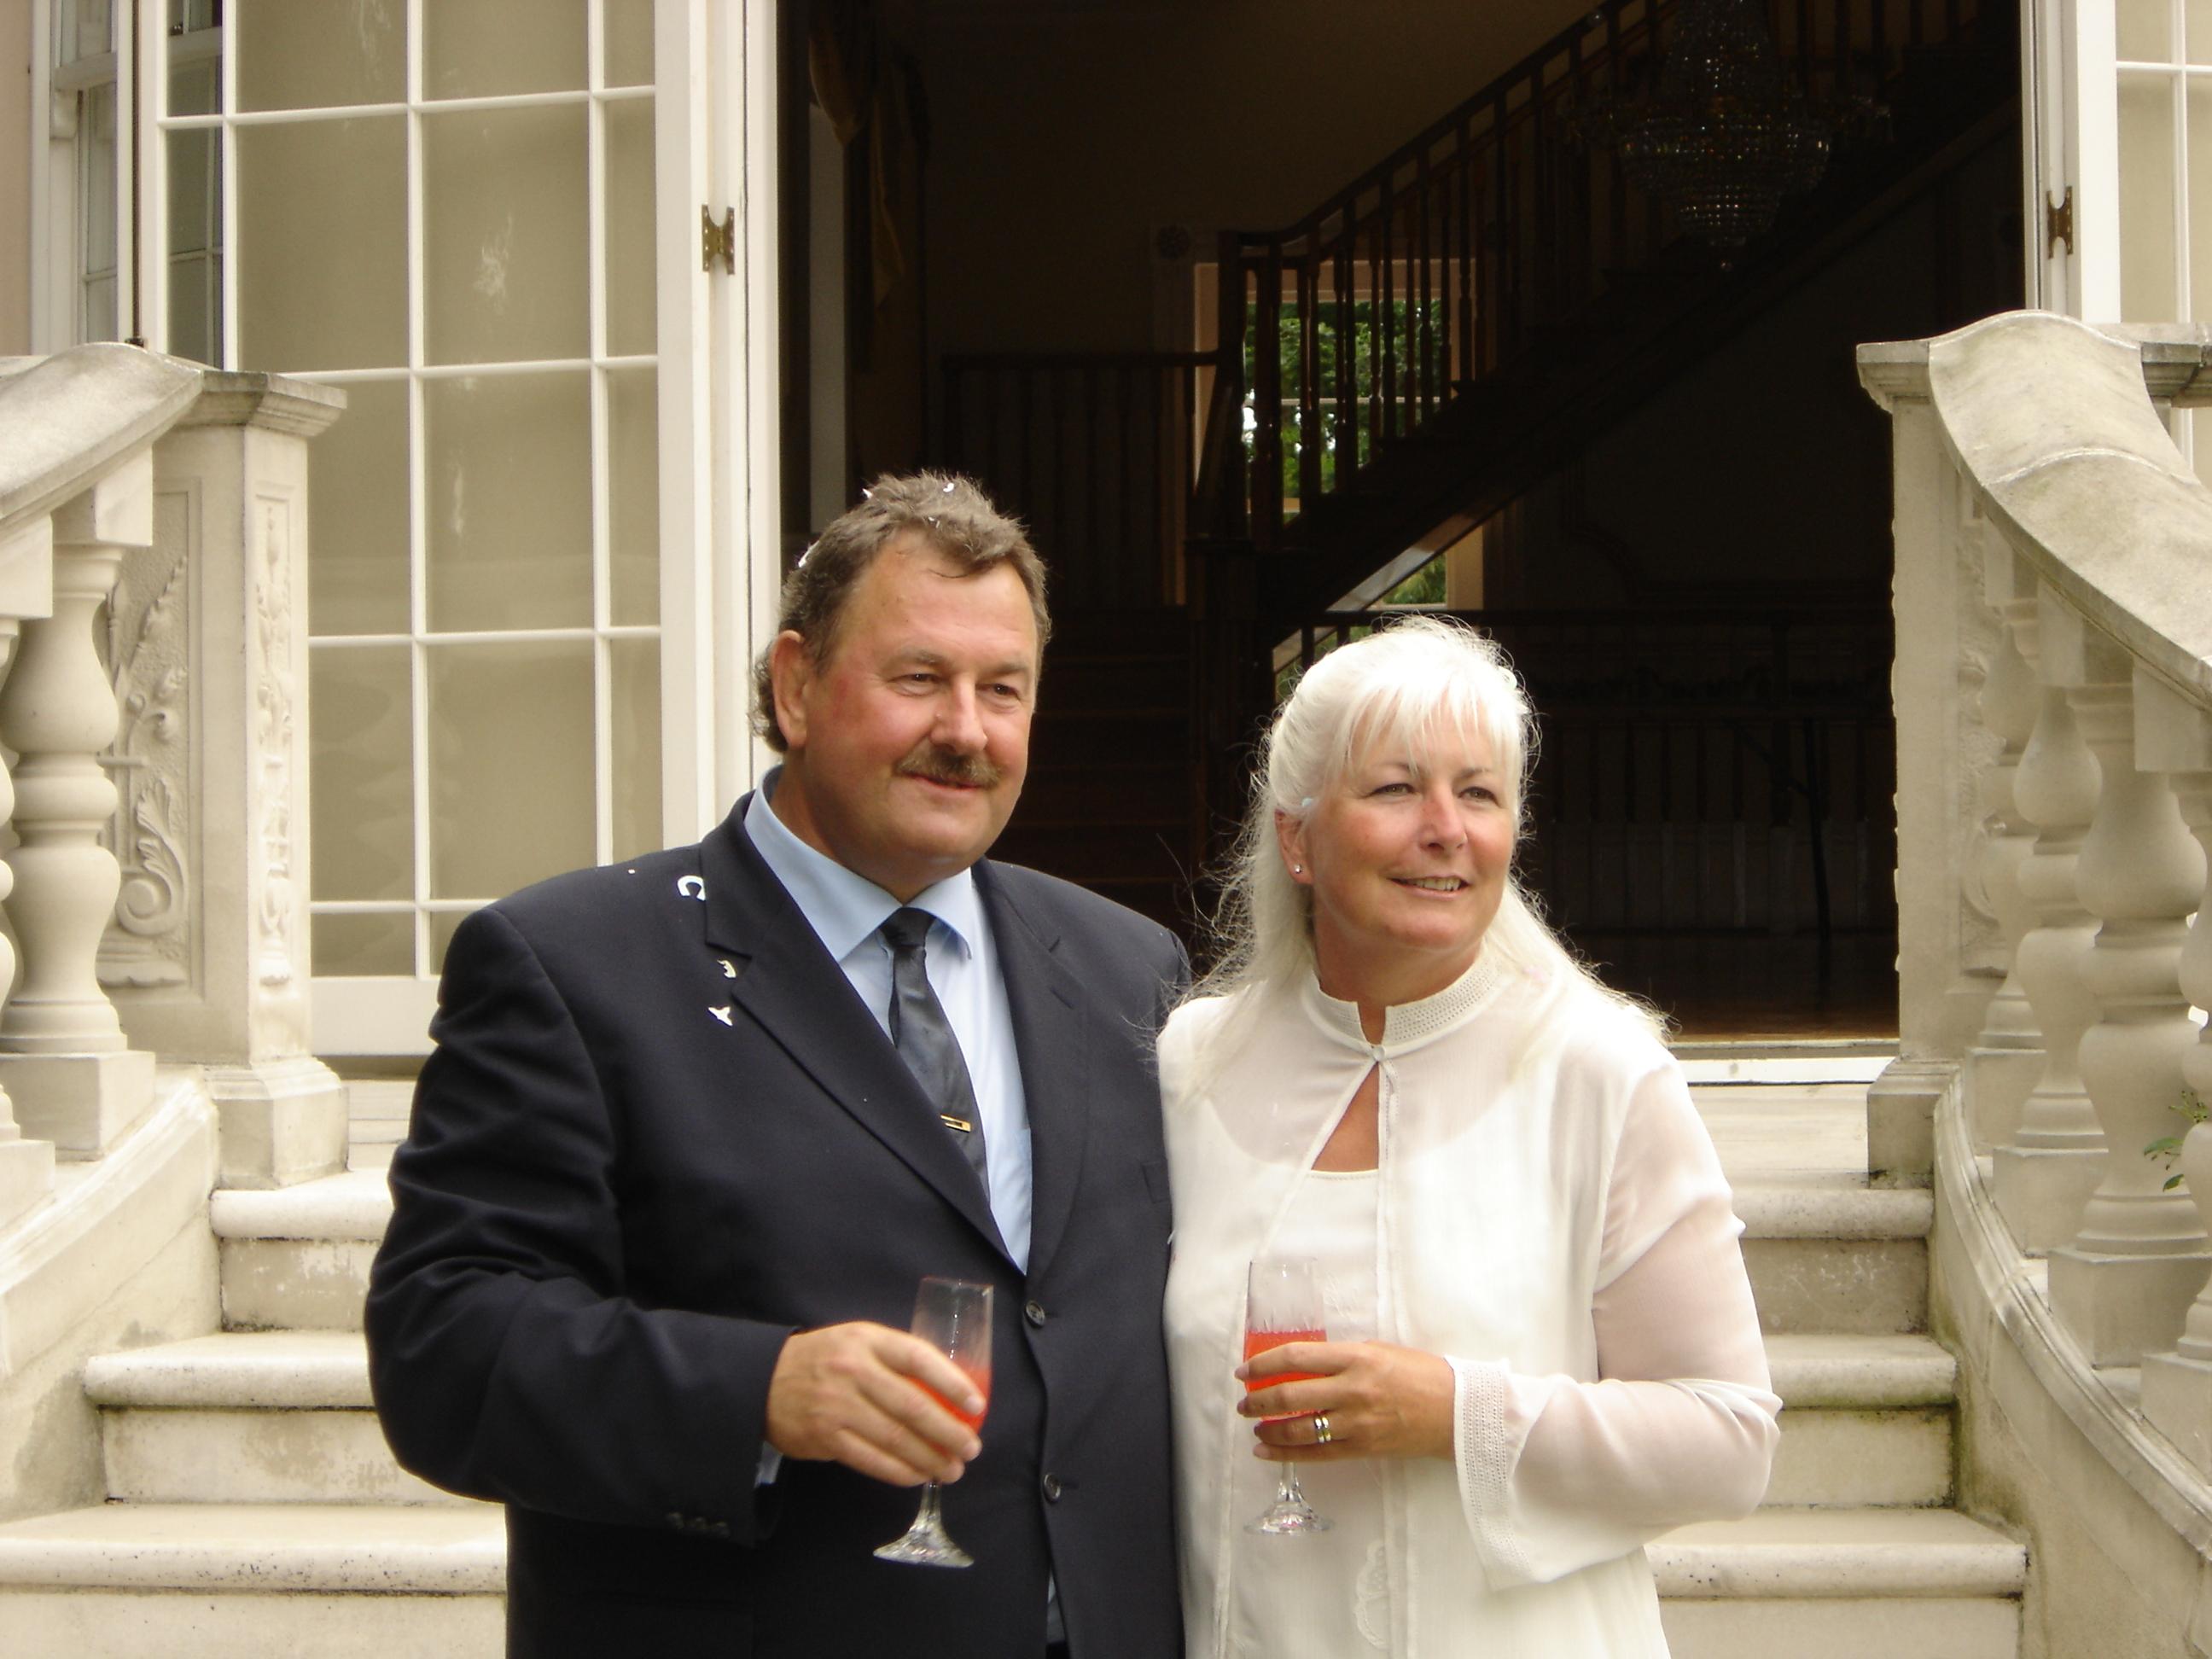 Geraldine & David